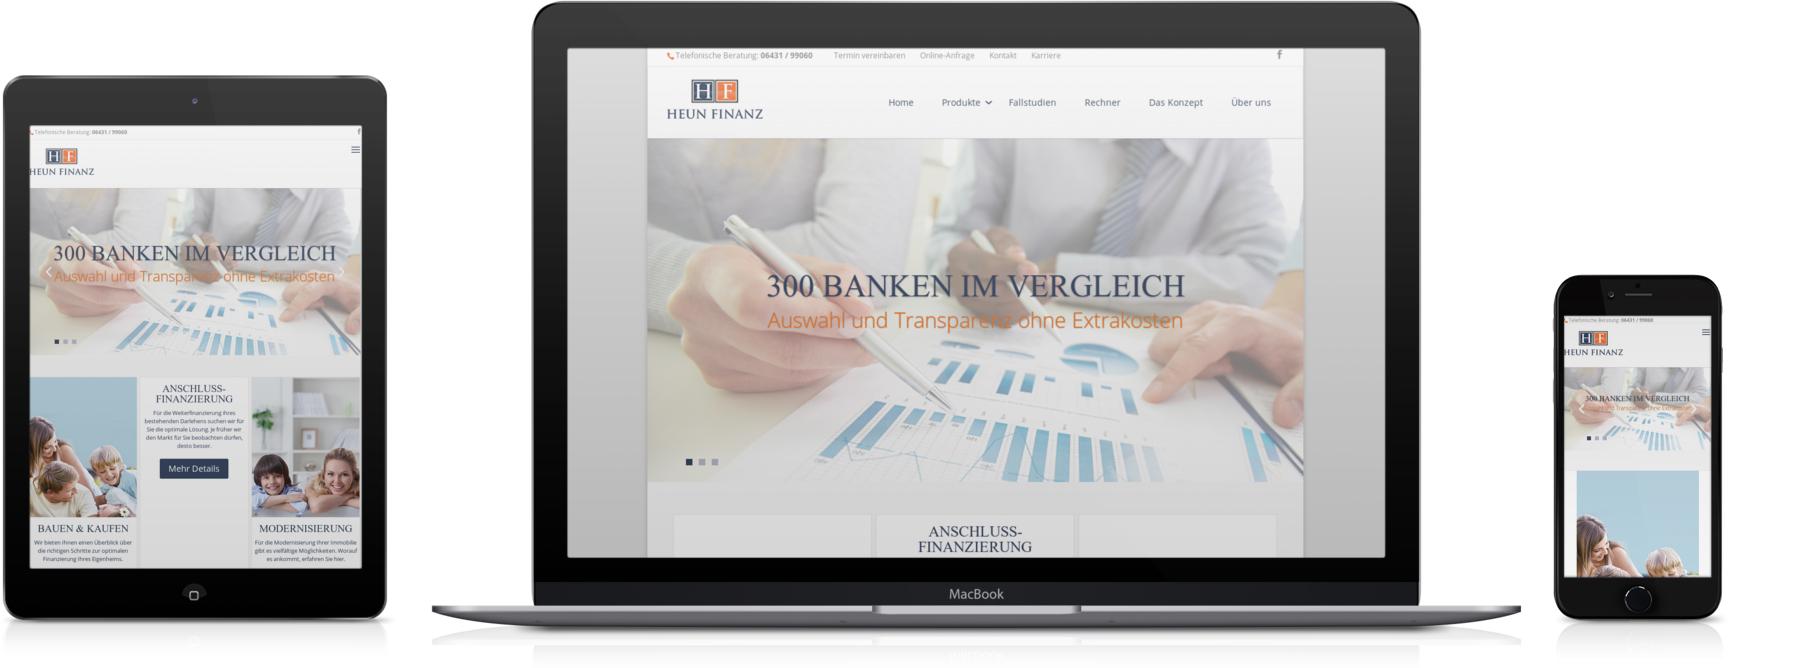 Heun-Finanz.de, geöffnet auf einem Desktop-PC, Smartphone und Tablet